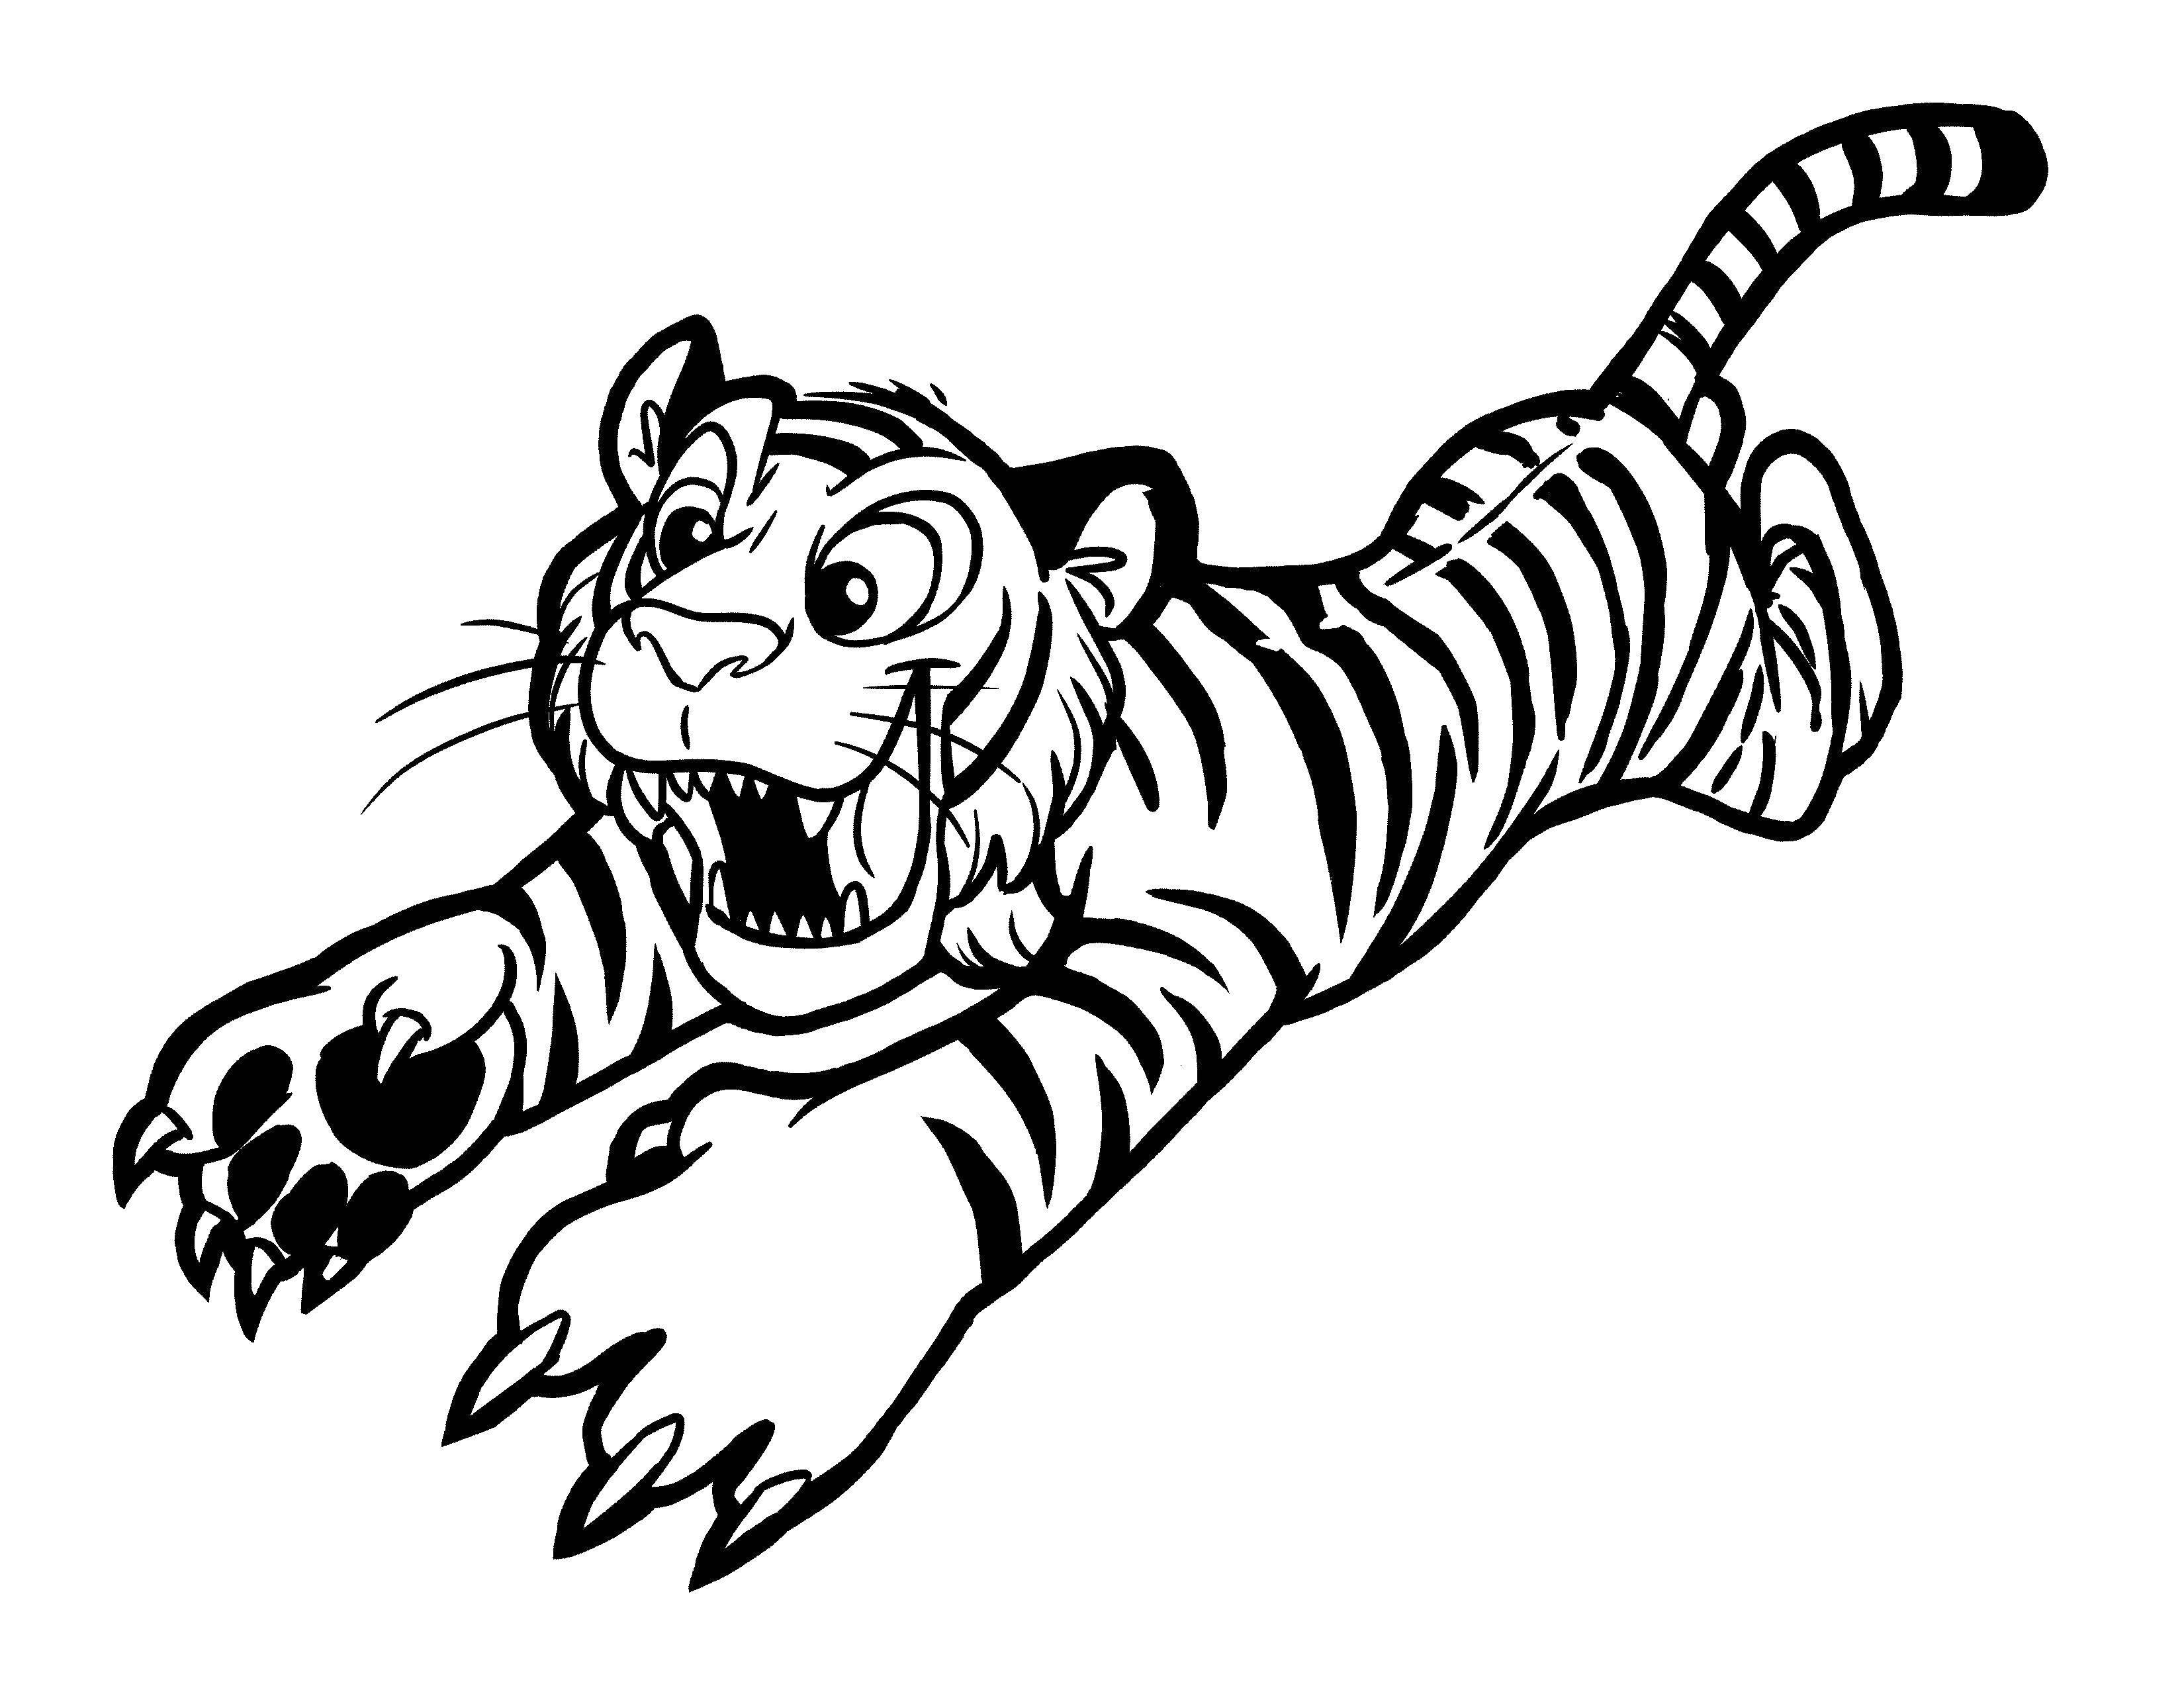 этого автомобиля амурский тигр раскраска картинки улыбалась ярче